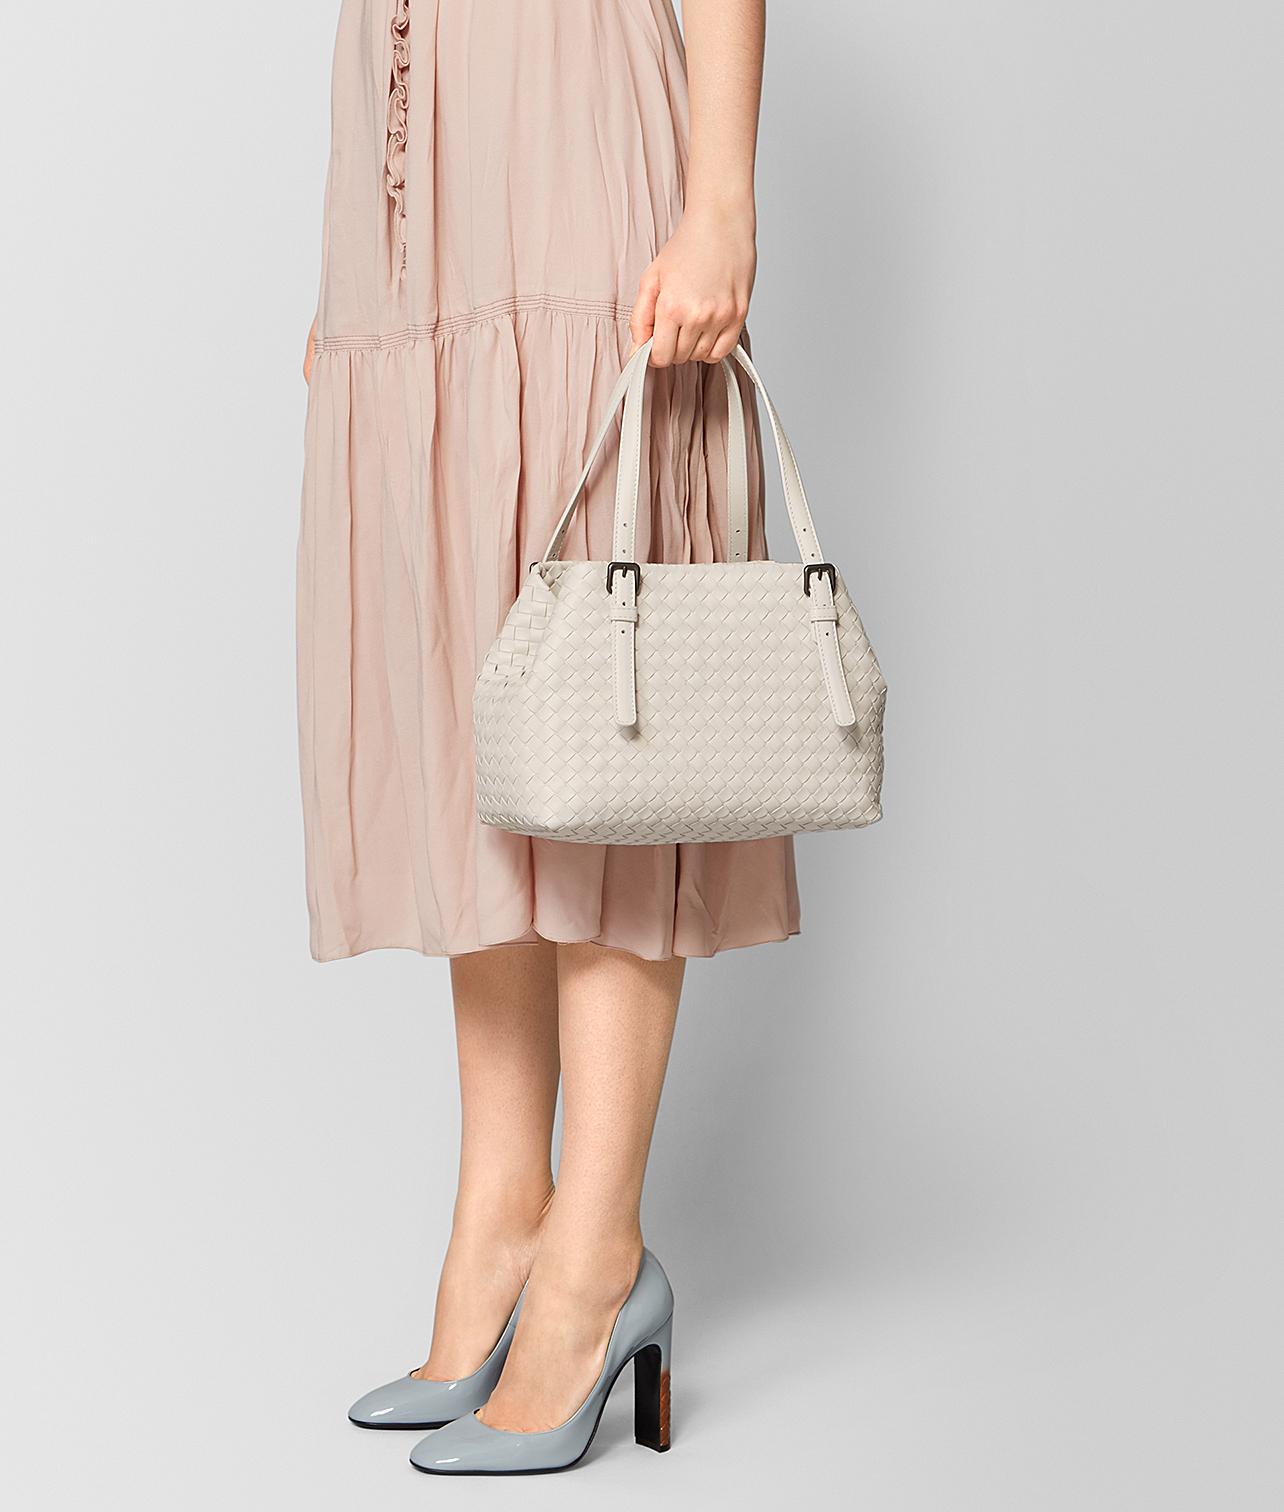 50代女性にオススメBottega Venetaのレディースバッグ